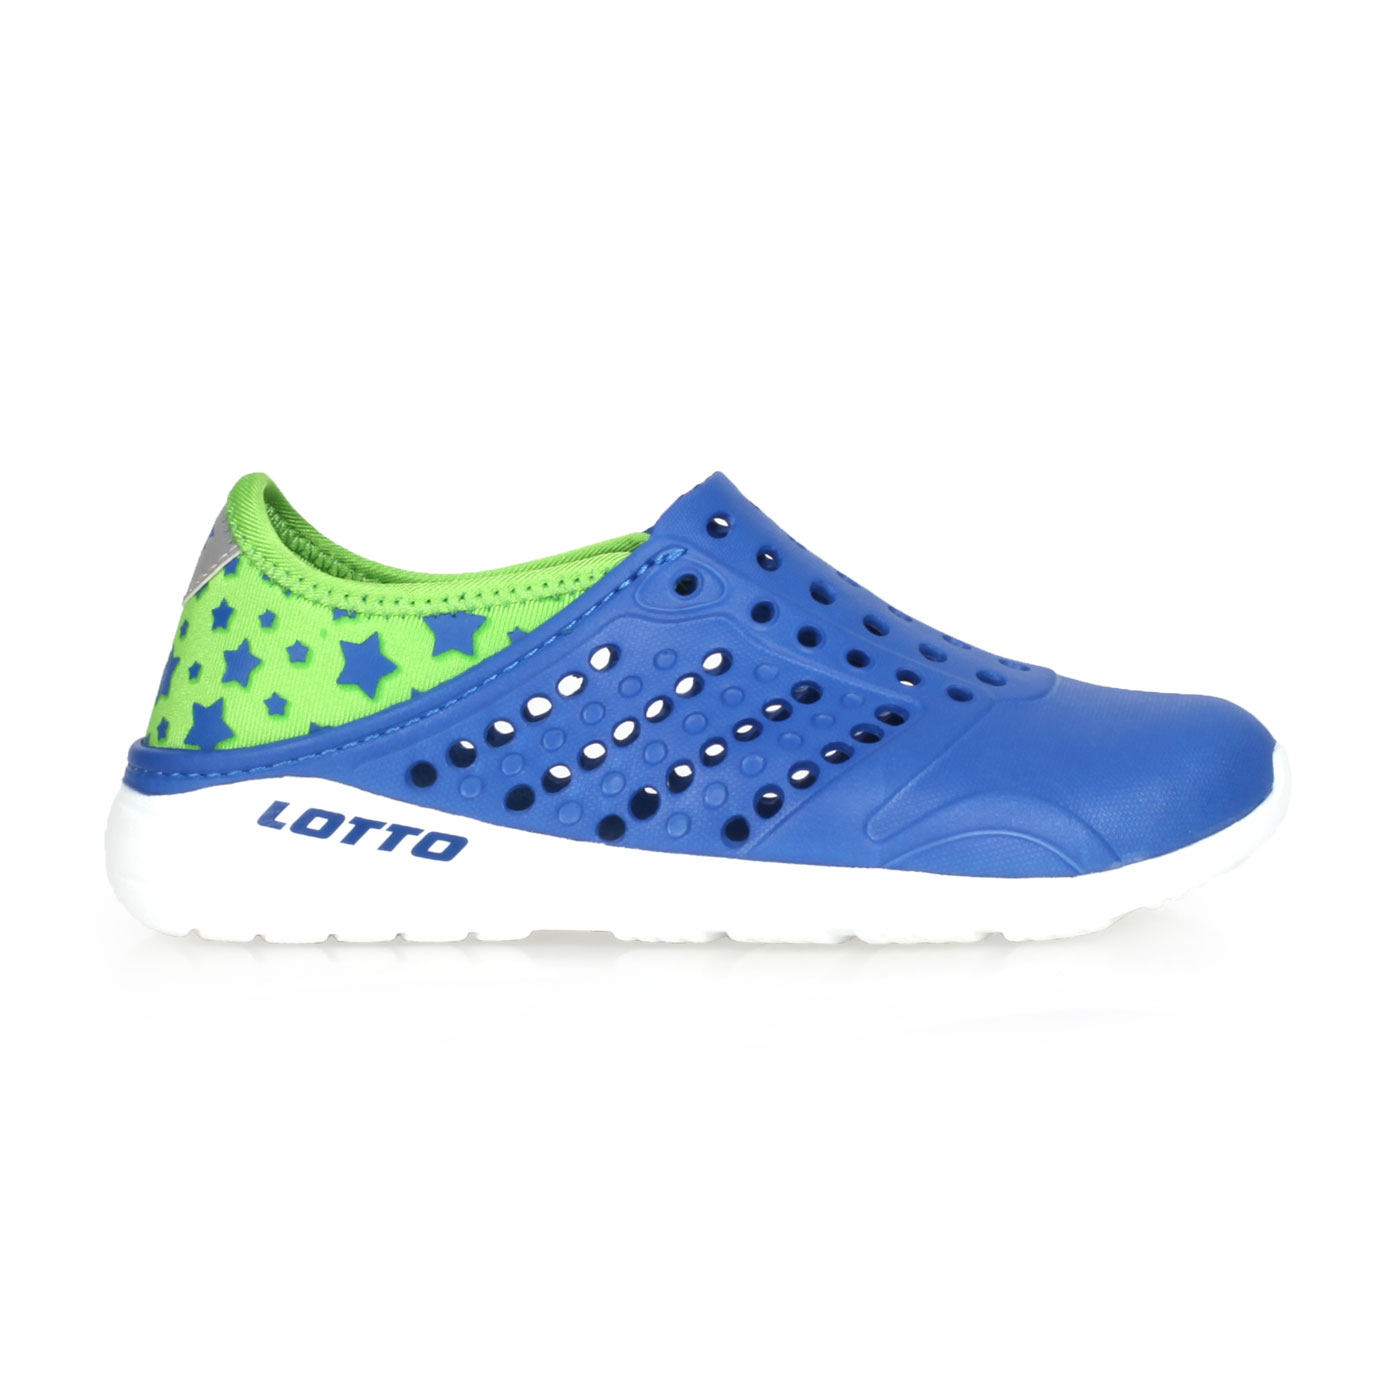 LOTTO 大童潮流洞洞鞋 LT8AKS6230 - 藍綠